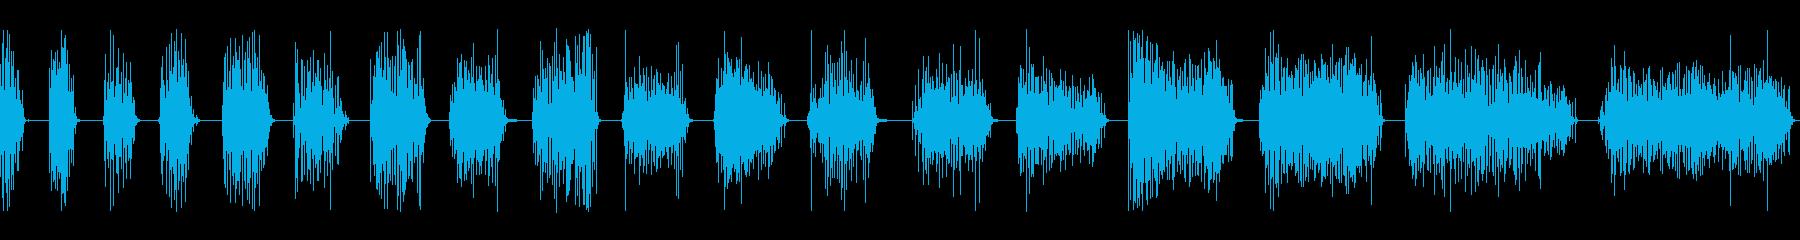 拍手、16人、18バージョン。 D...の再生済みの波形